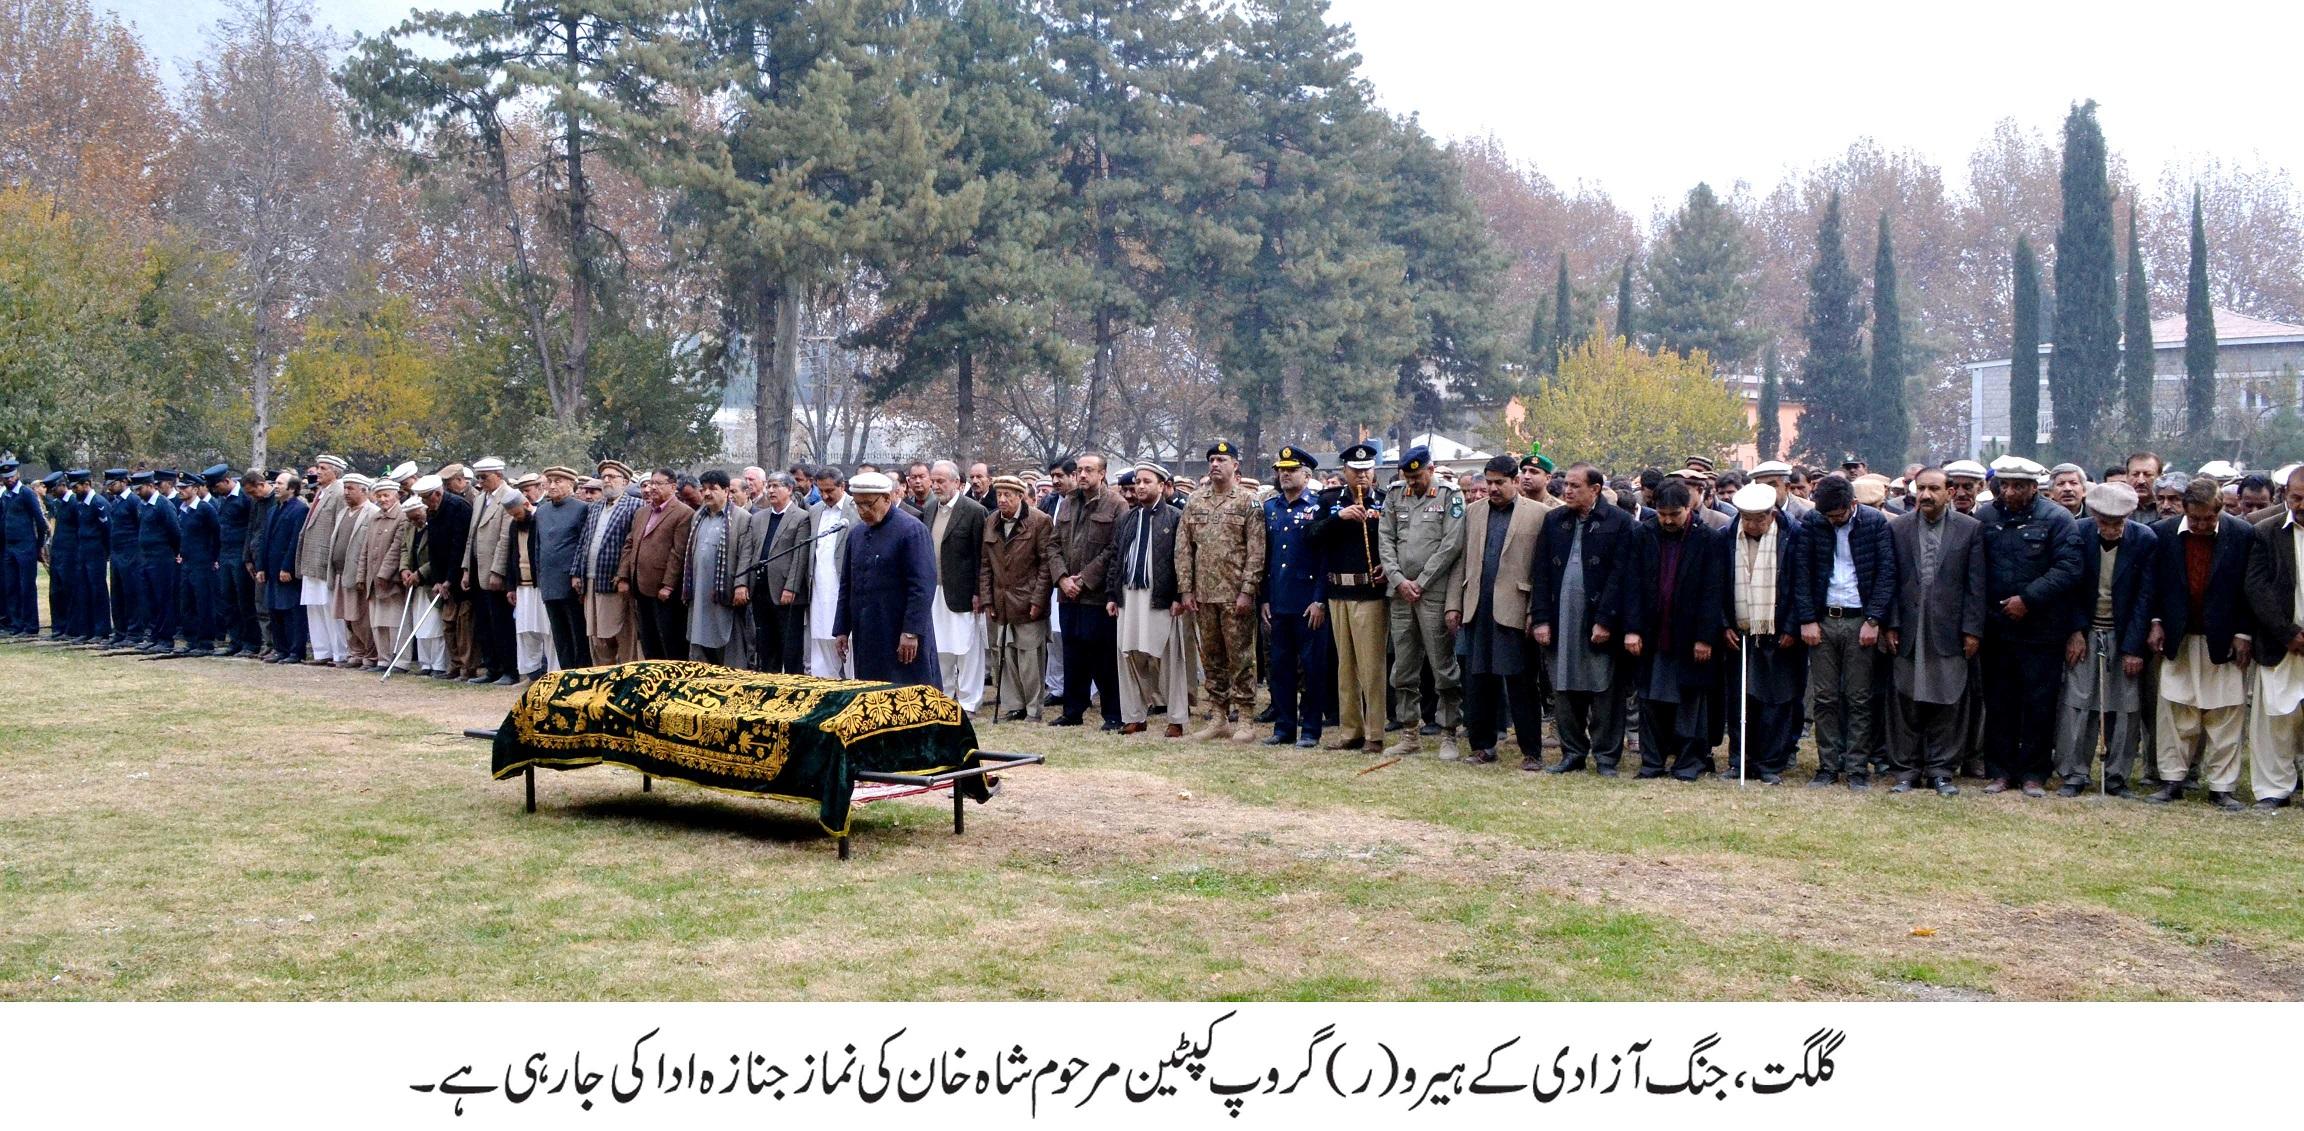 جنگ آزادی گلگت بلتستان کے ہیرو گروپ کیپٹن میرزادہ شاہ خان مکمل سرکاری اعزازی کے ساتھ چنارباغ میں سپردخاک